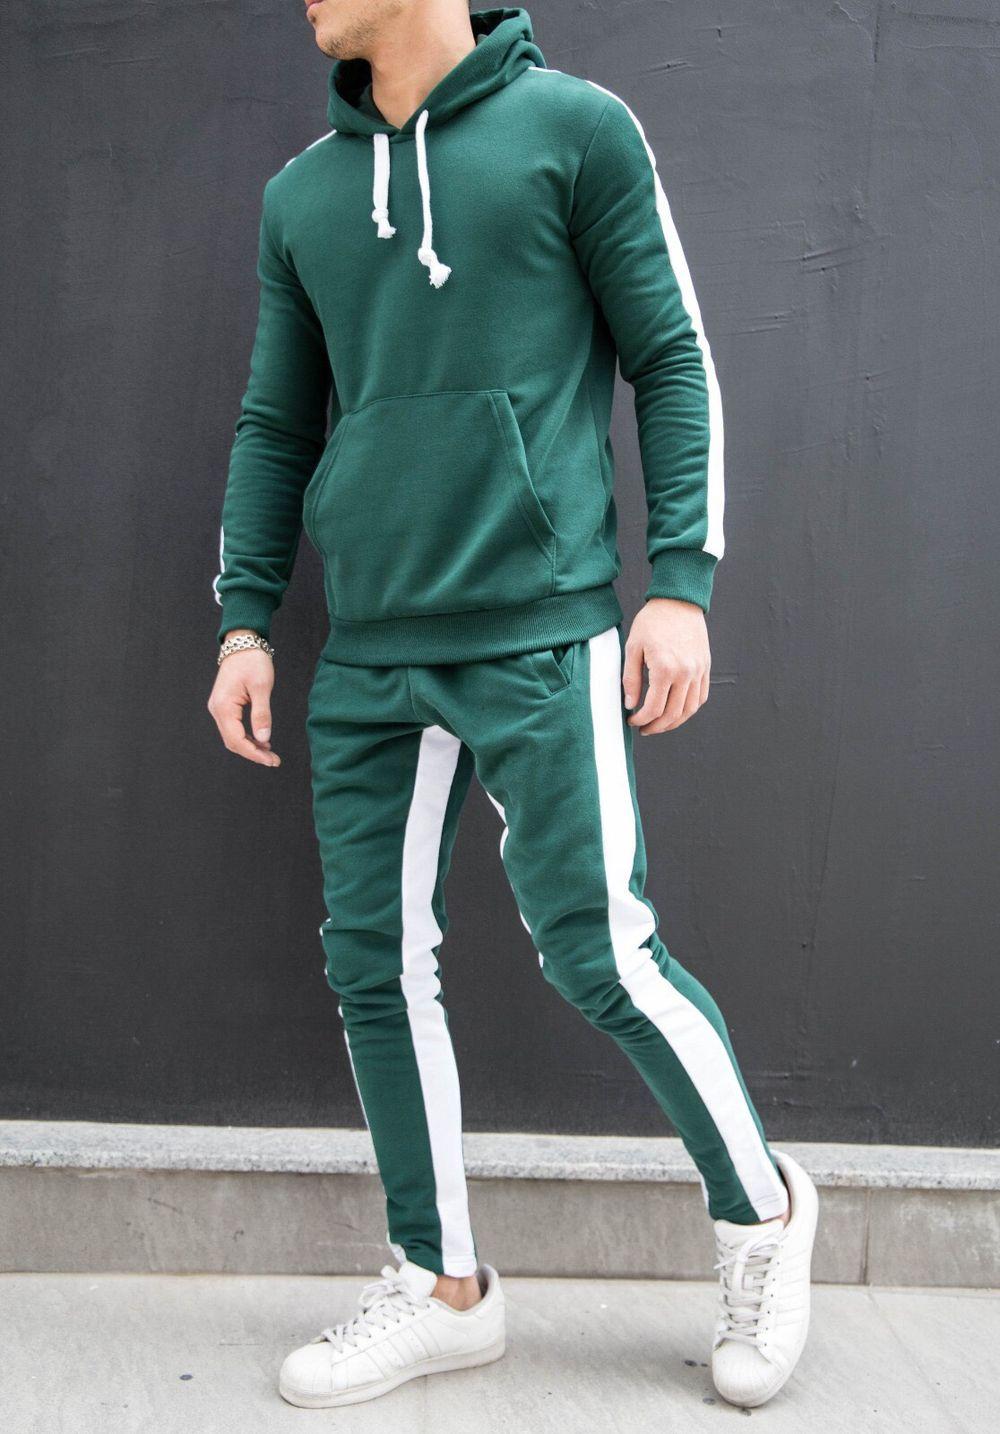 7d3d242e25a6 SNEAKERJEANS STREETWEAR SHOP   SNEAKERS SHOP - Green White Stripe Tracksuit  SJ239 Streetwear Tracksuits